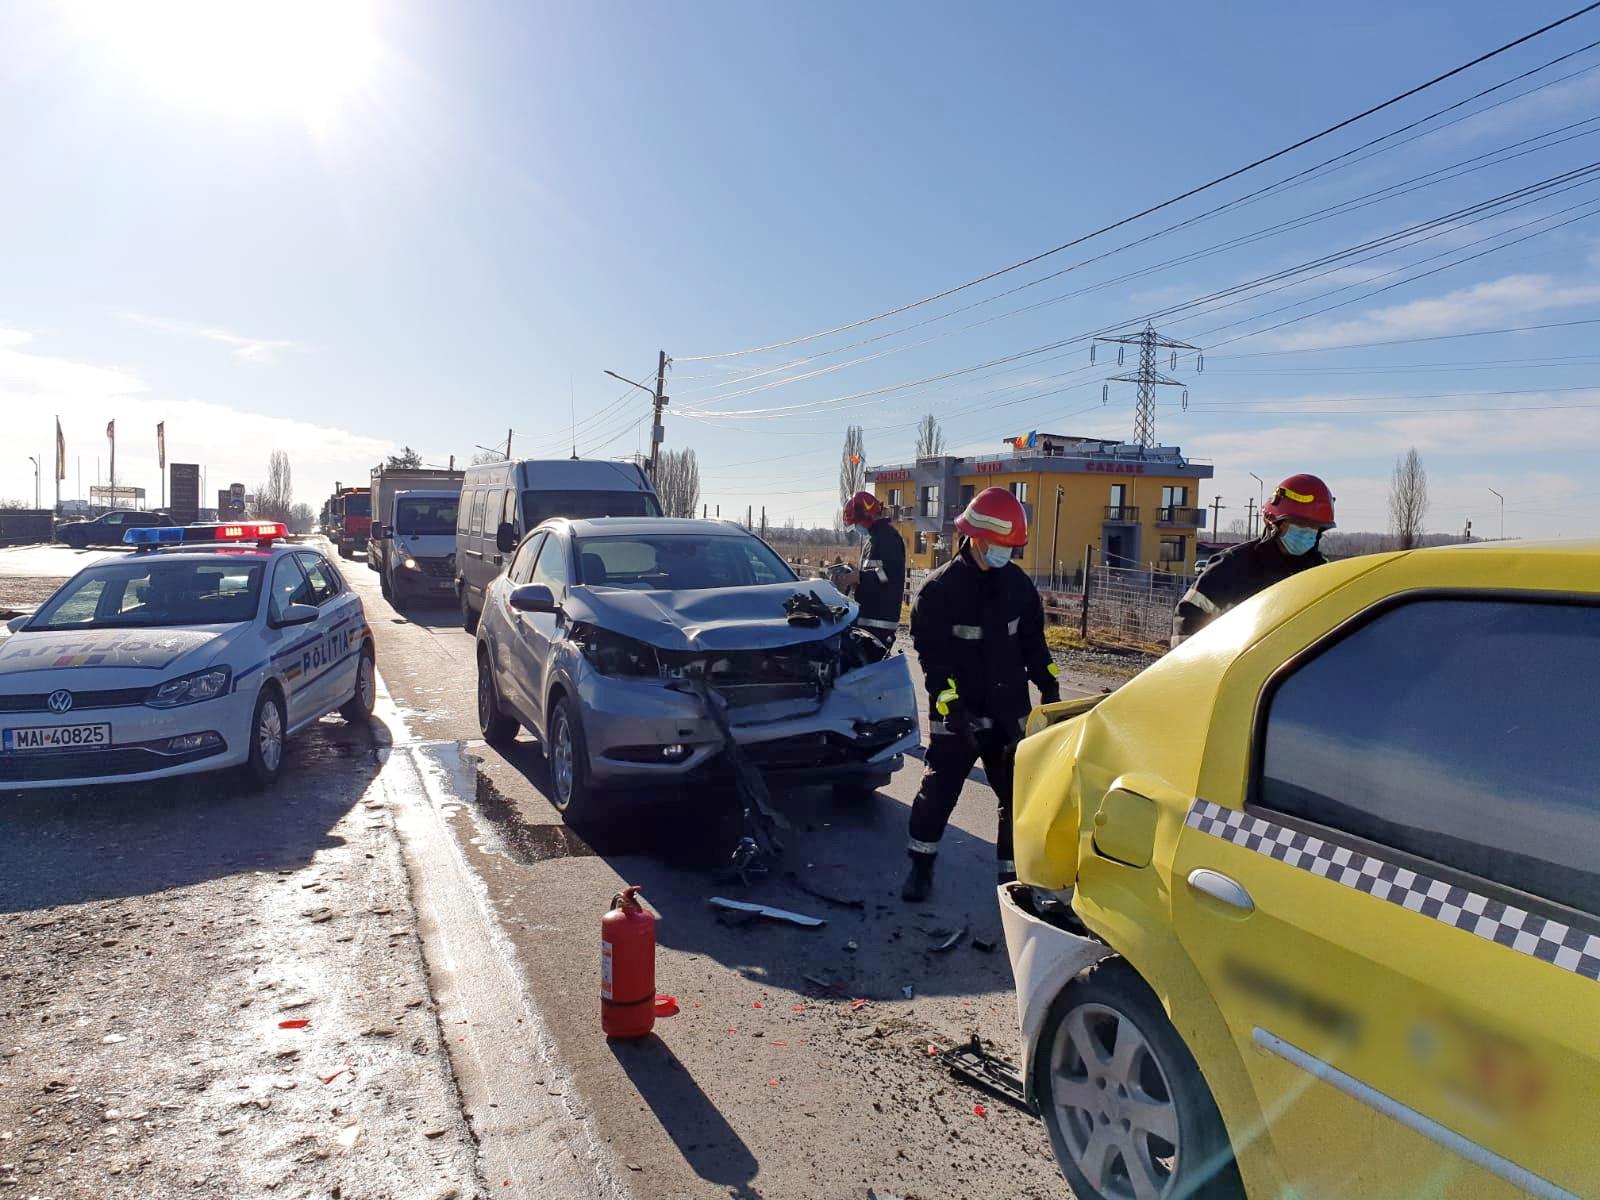 Trei oameni au fost răniţi şi patru maşini au fost avariate după un accident în lanţ produs la Viforâta